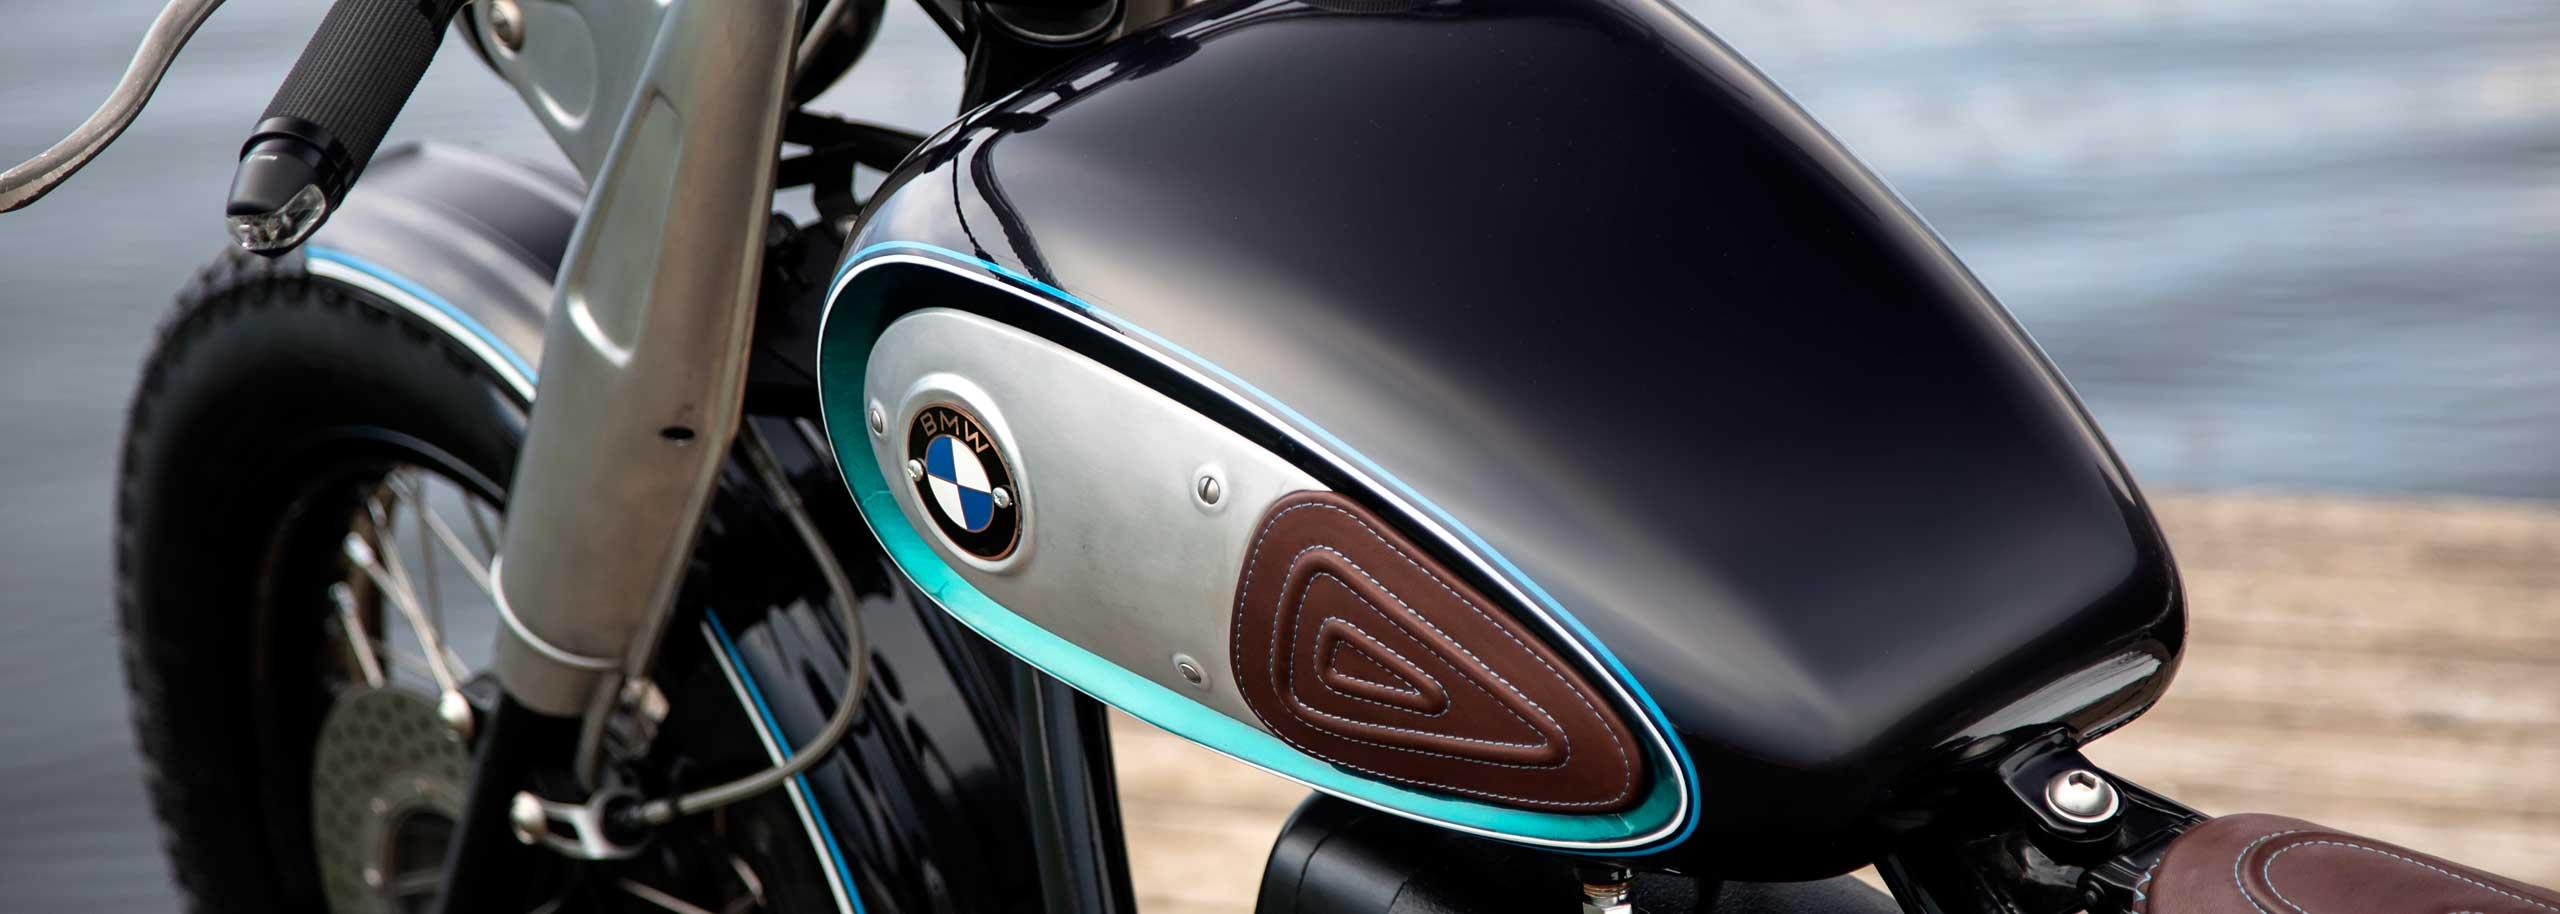 04_TITAN-BAVARIAN-BOBBER_BMW-R50-3_Cafe-Racer-Graz-Motorrad-Umbau-Austria-Vintage_Custom-Bikes_Motorrad-Umbauten_Zweirad_Customteile-auf-Kundenwunsch